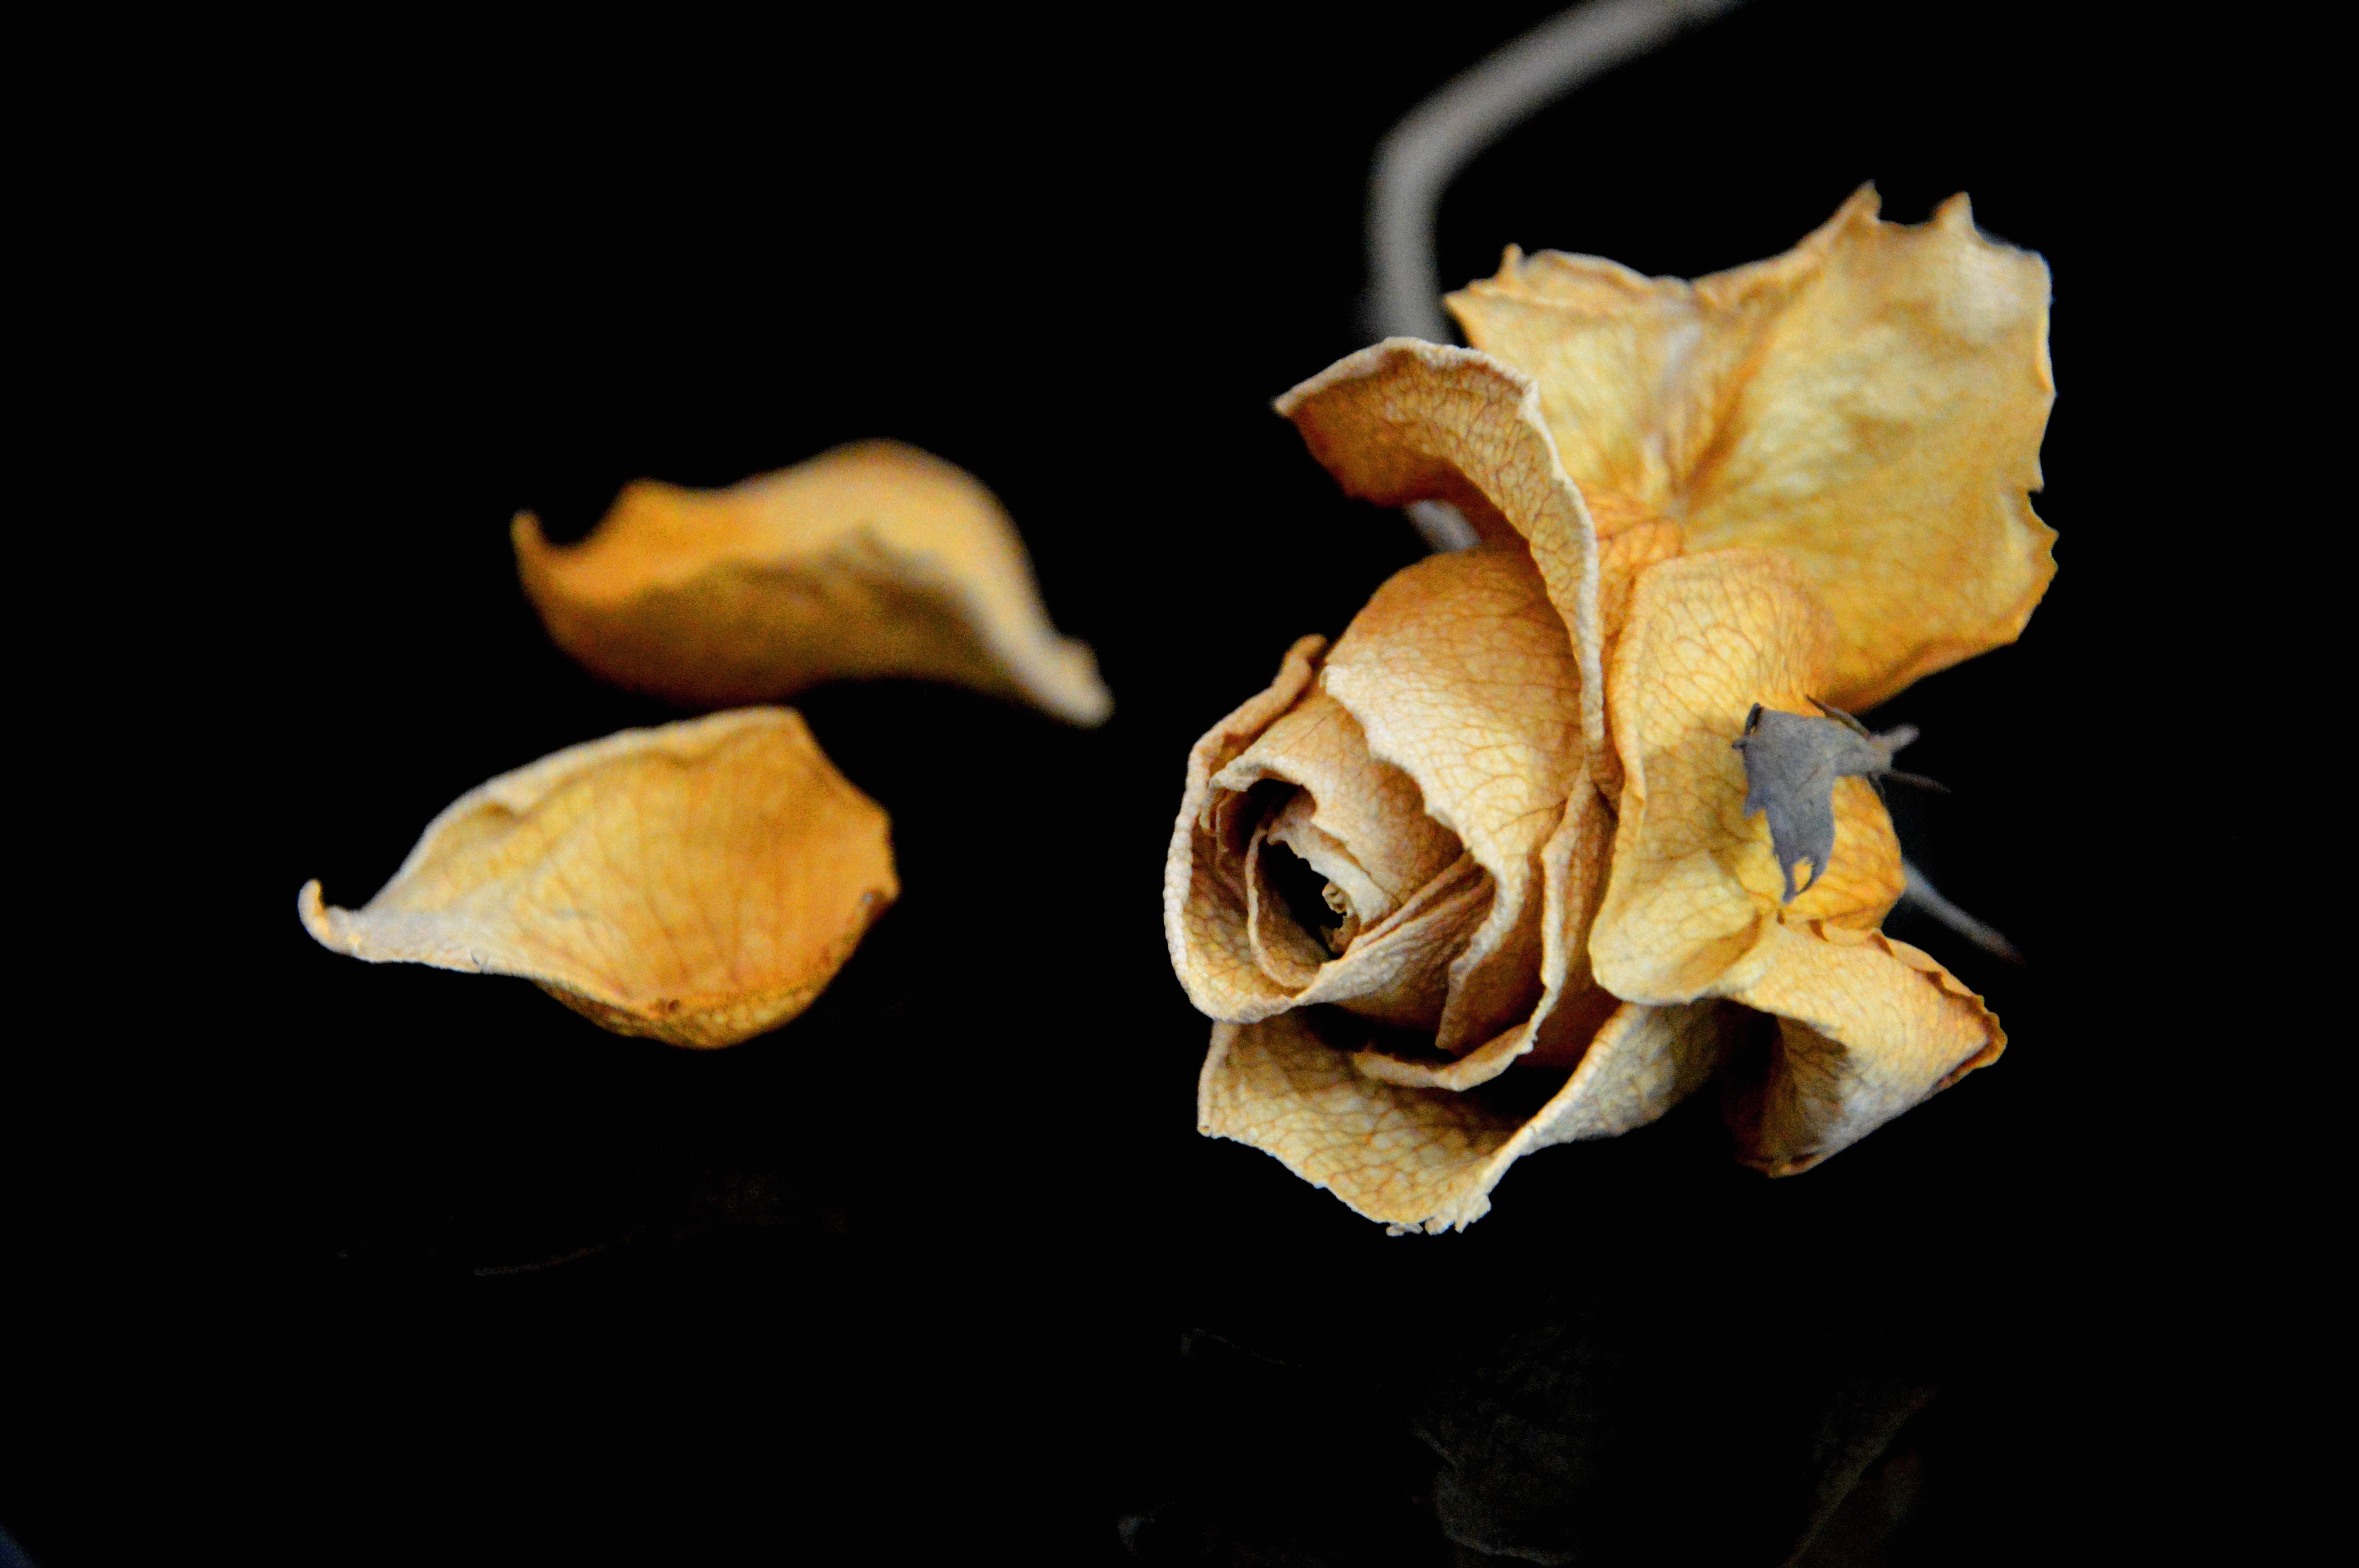 images gratuites : la nature, la photographie, feuille, fleur